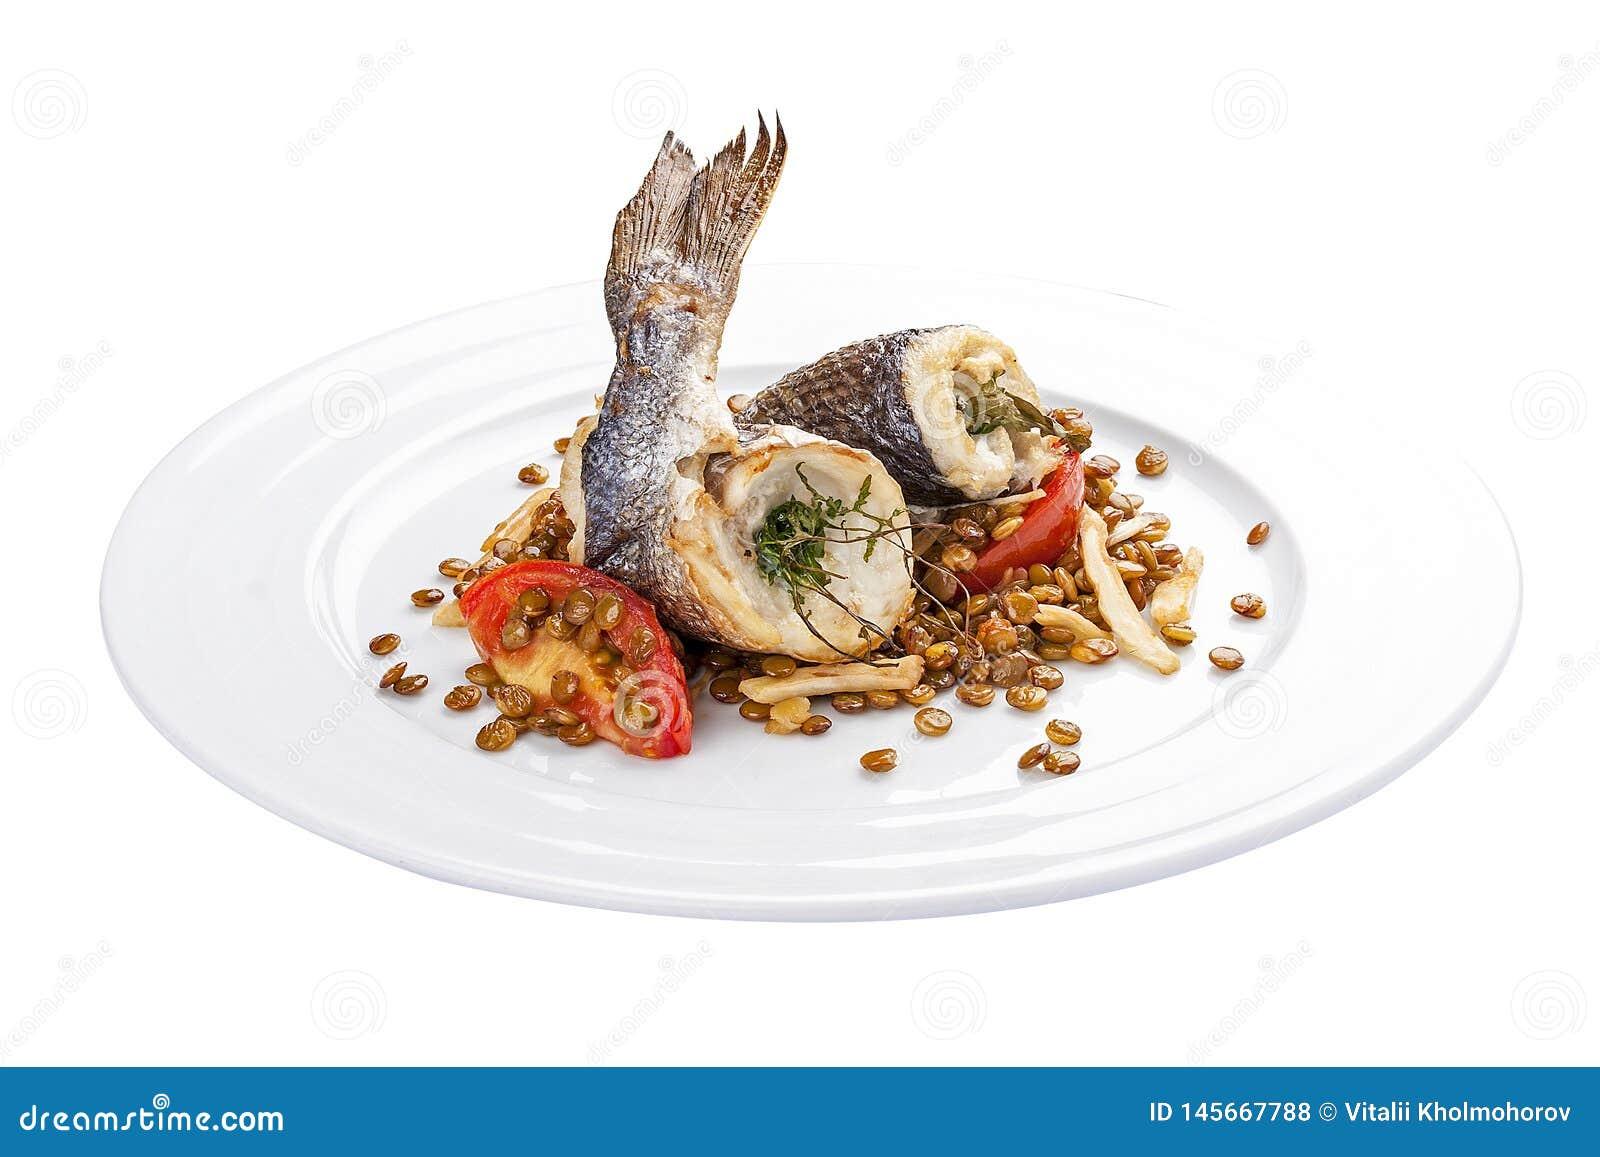 Dorada用扁豆和蕃茄 一个传统西班牙盘